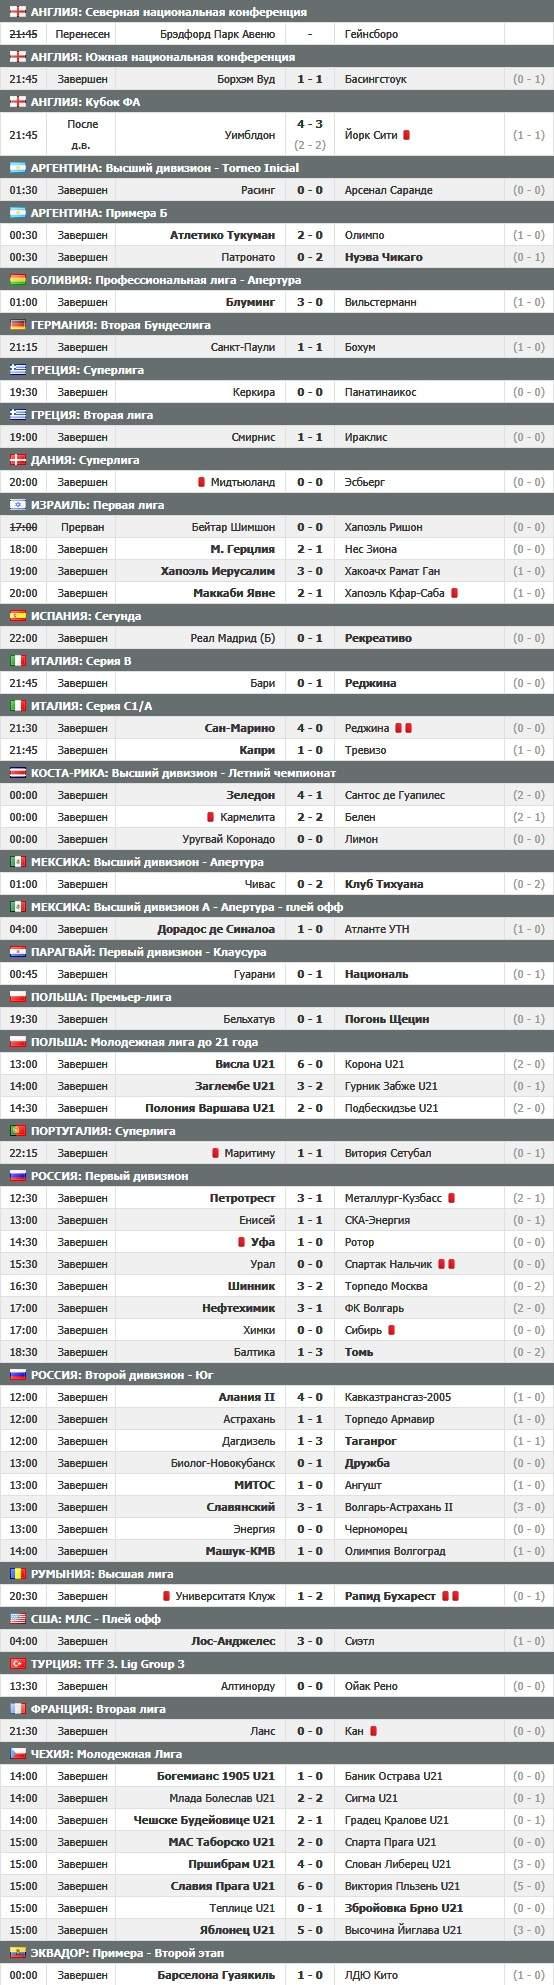 Таблица английской лиги 2012-2013